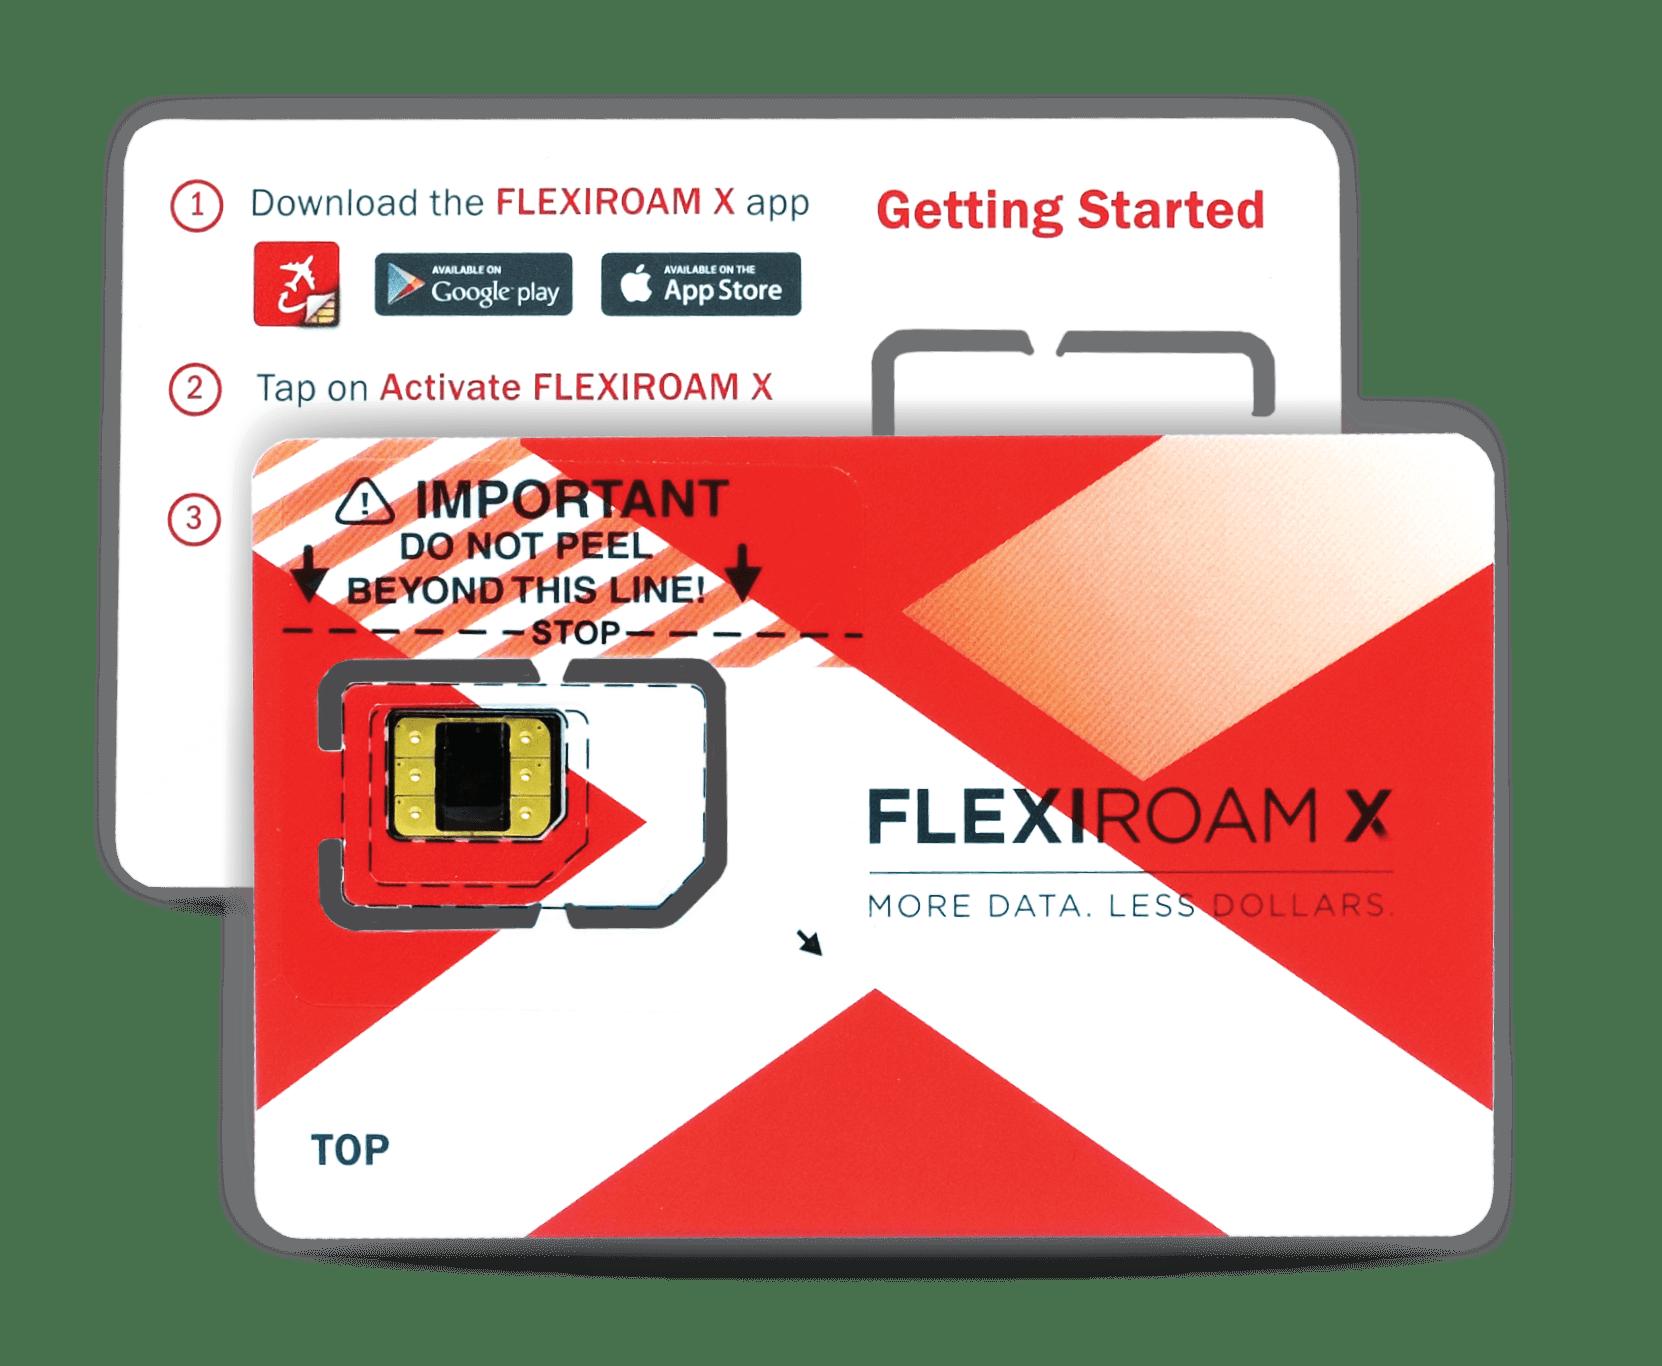 Get your starter packs from Flexiroam X App. Source: Flexiroam